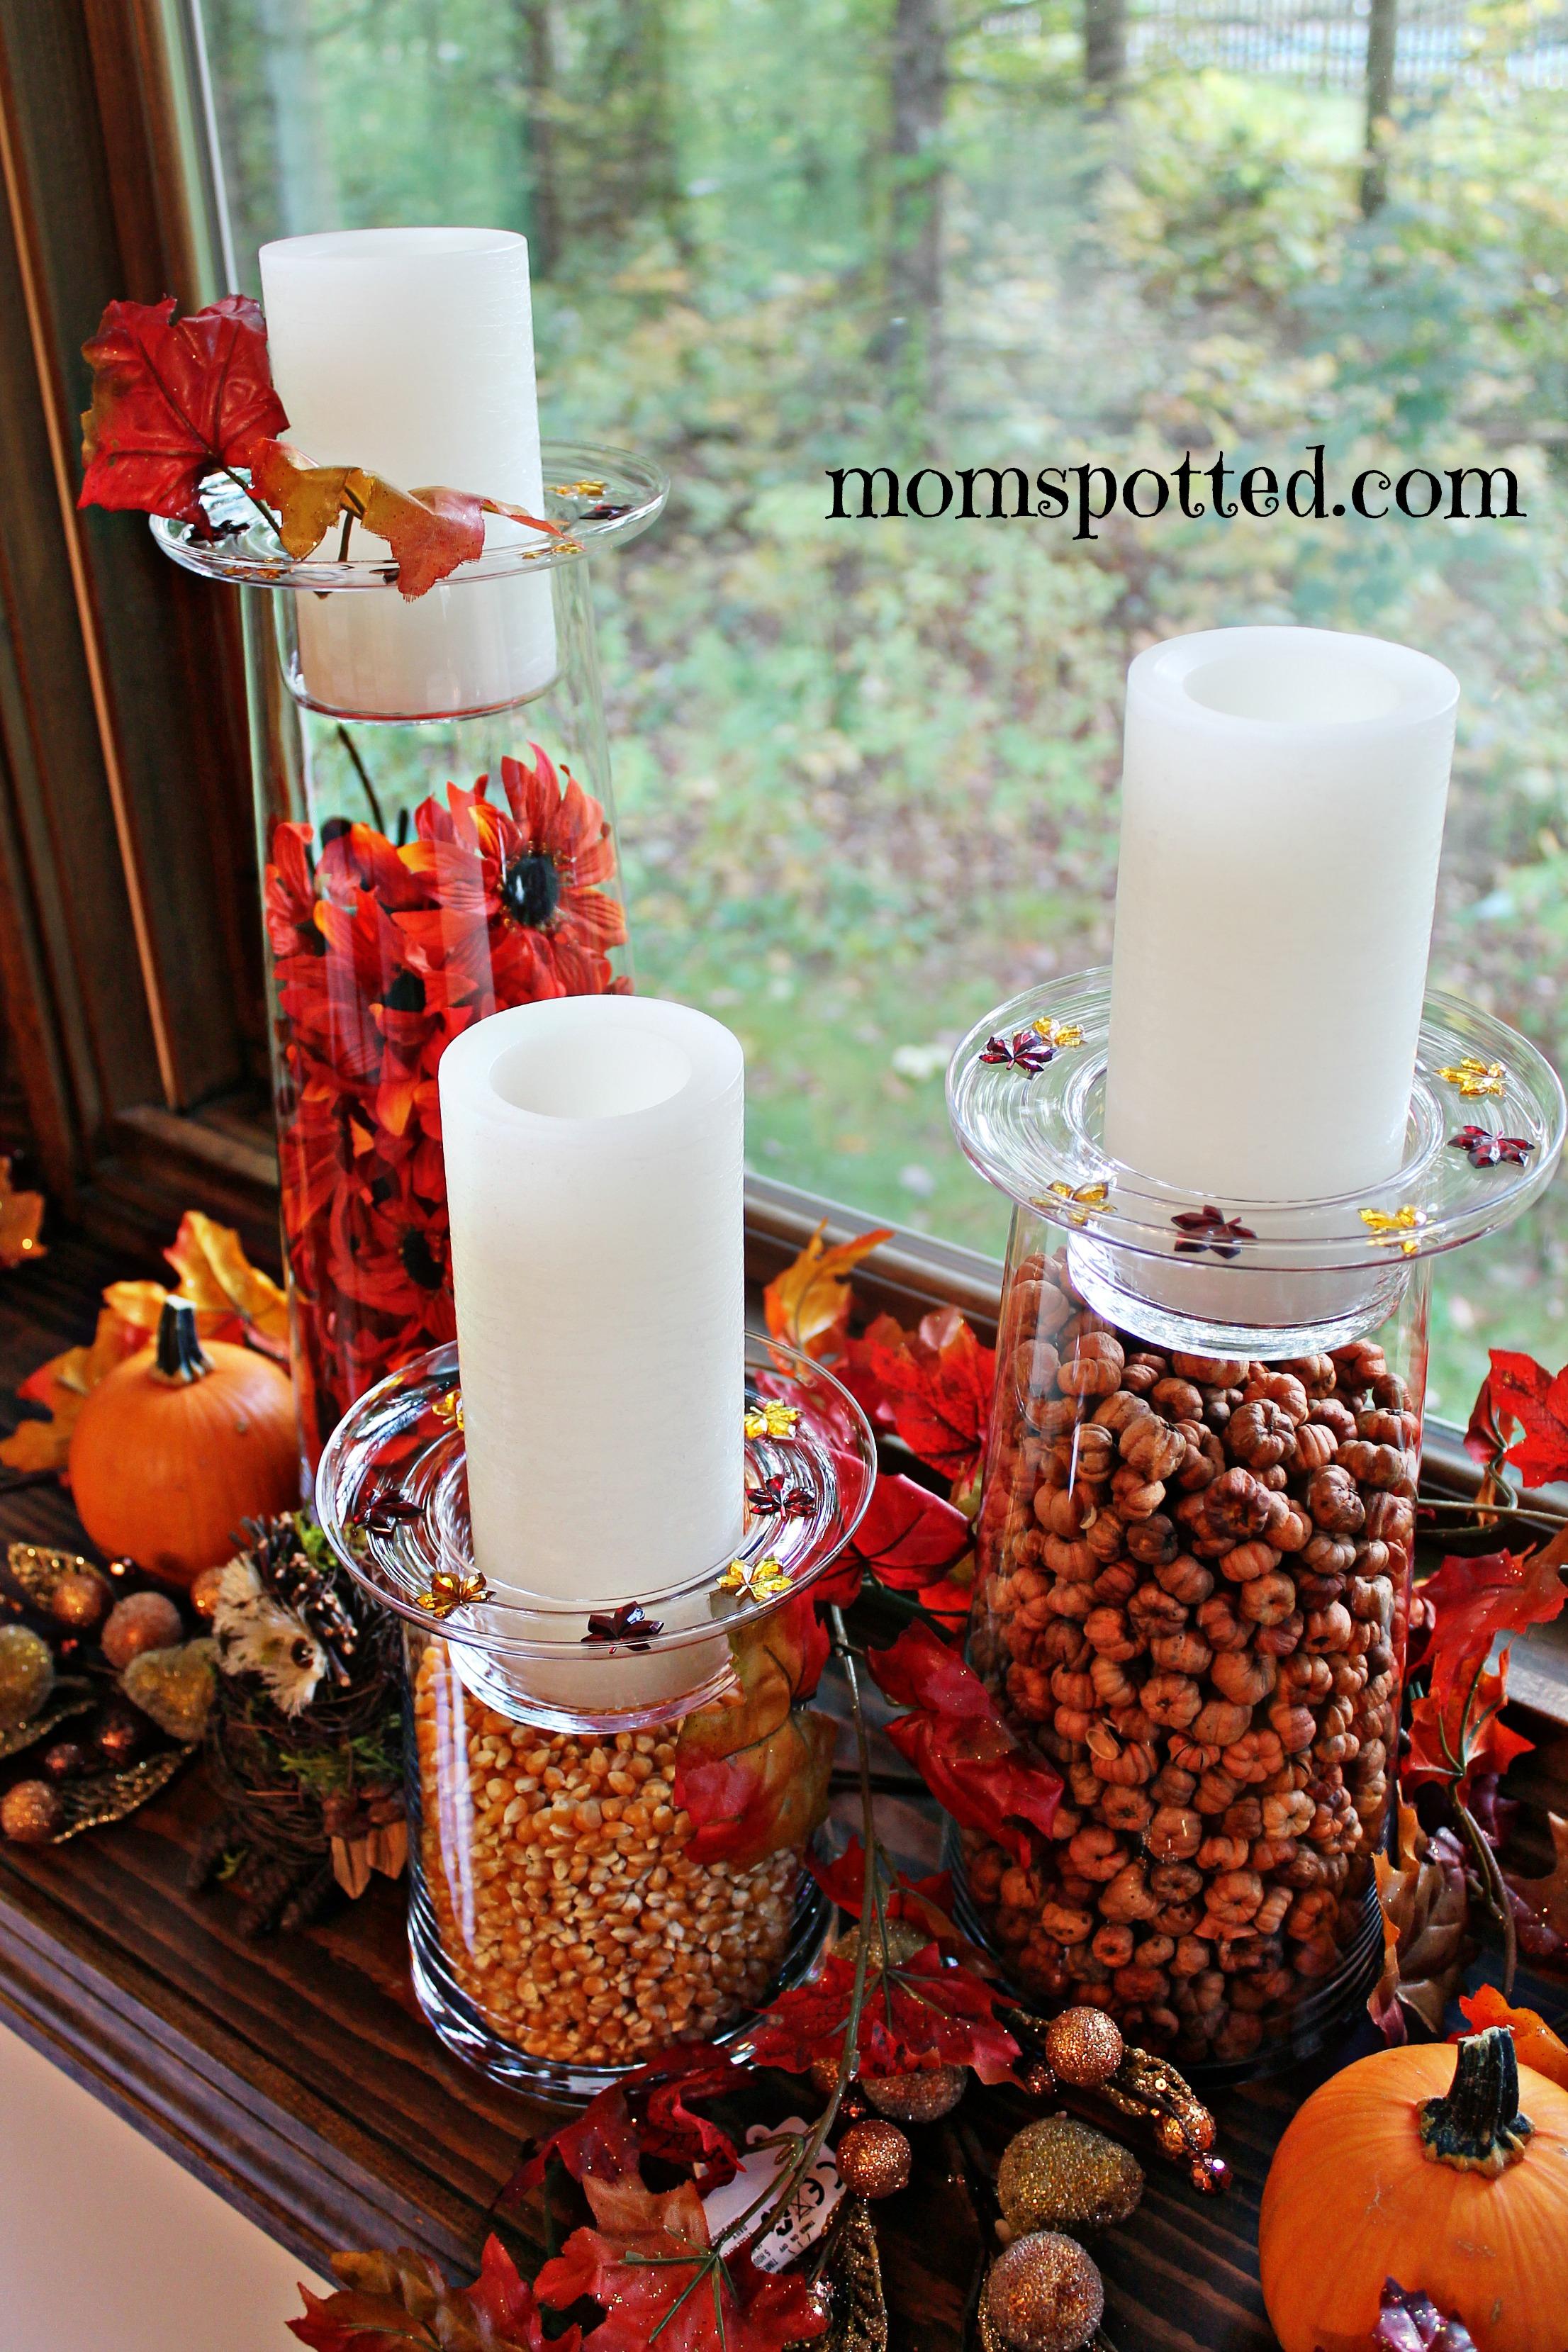 Autumn Halloween Home Decor Ideas My Tips Tricks